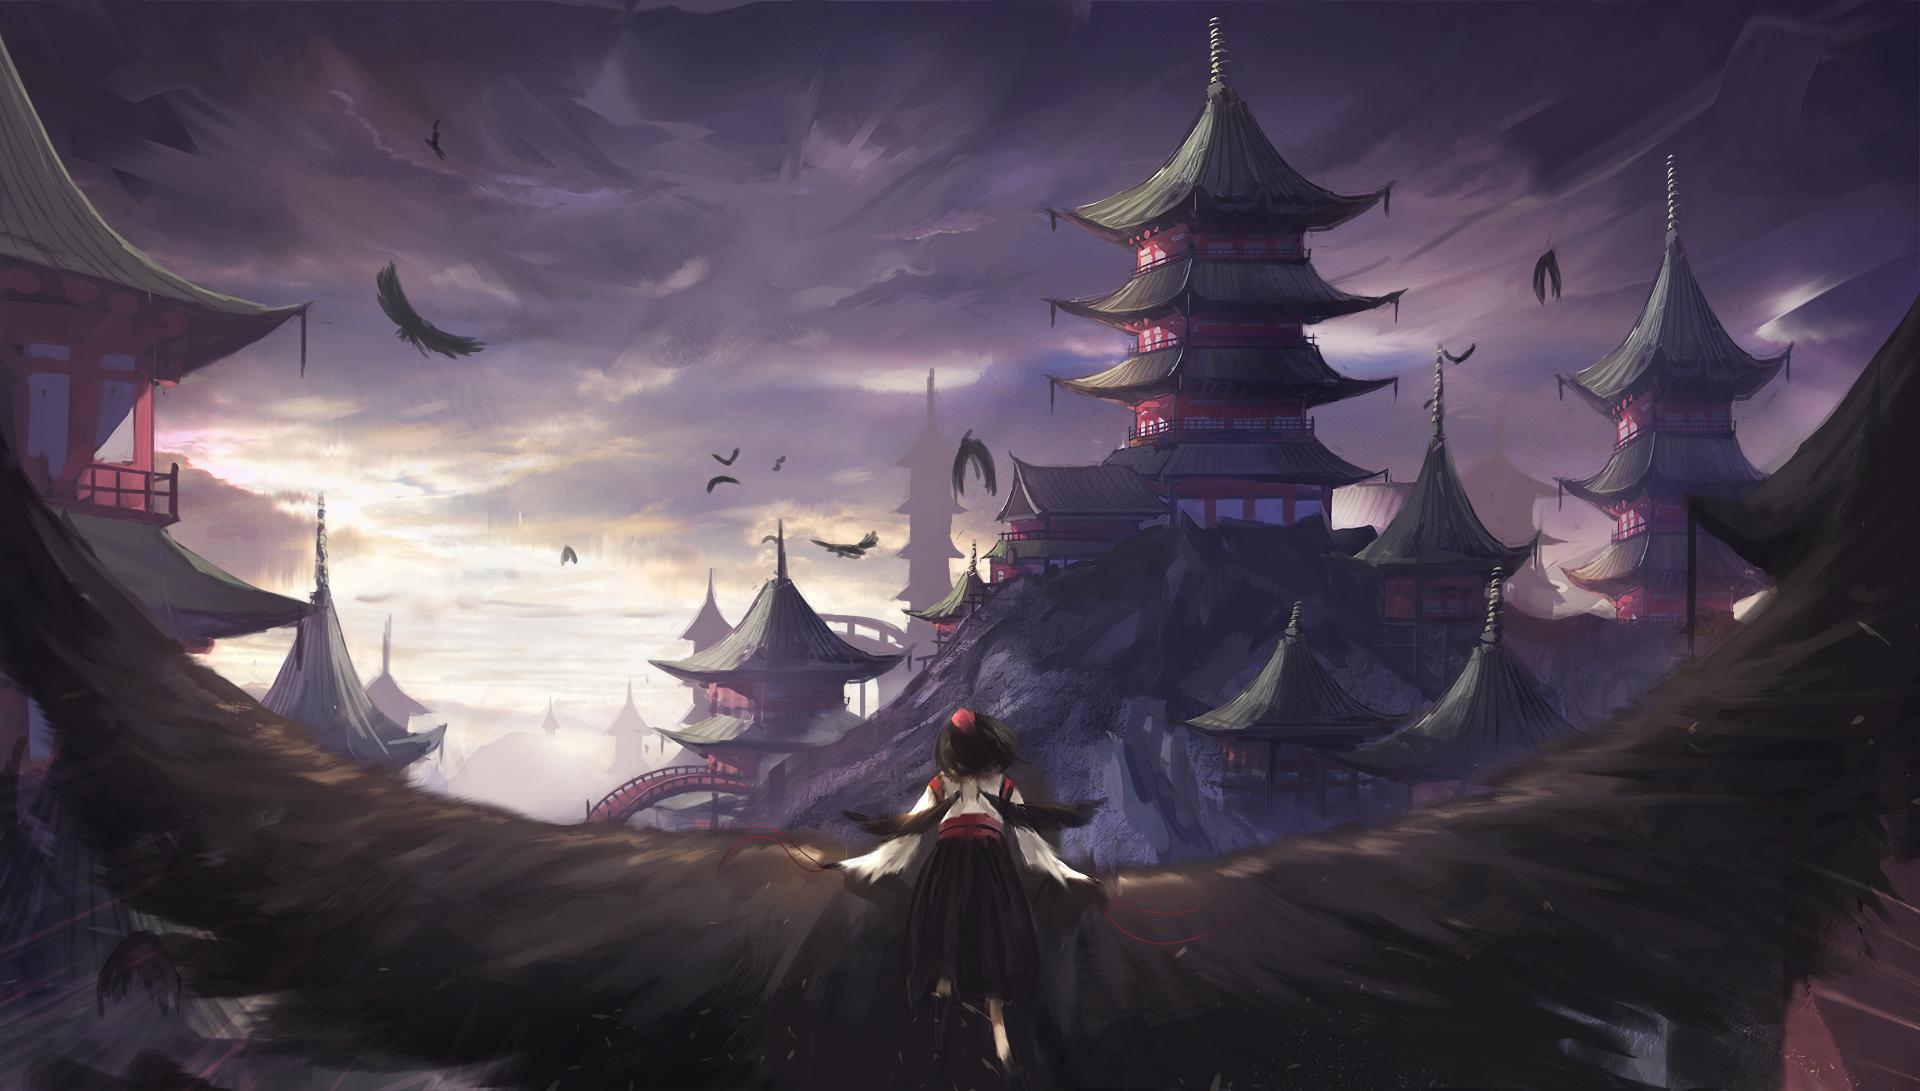 Anime - Touhou  Aya Shameimaru Fond d'écran